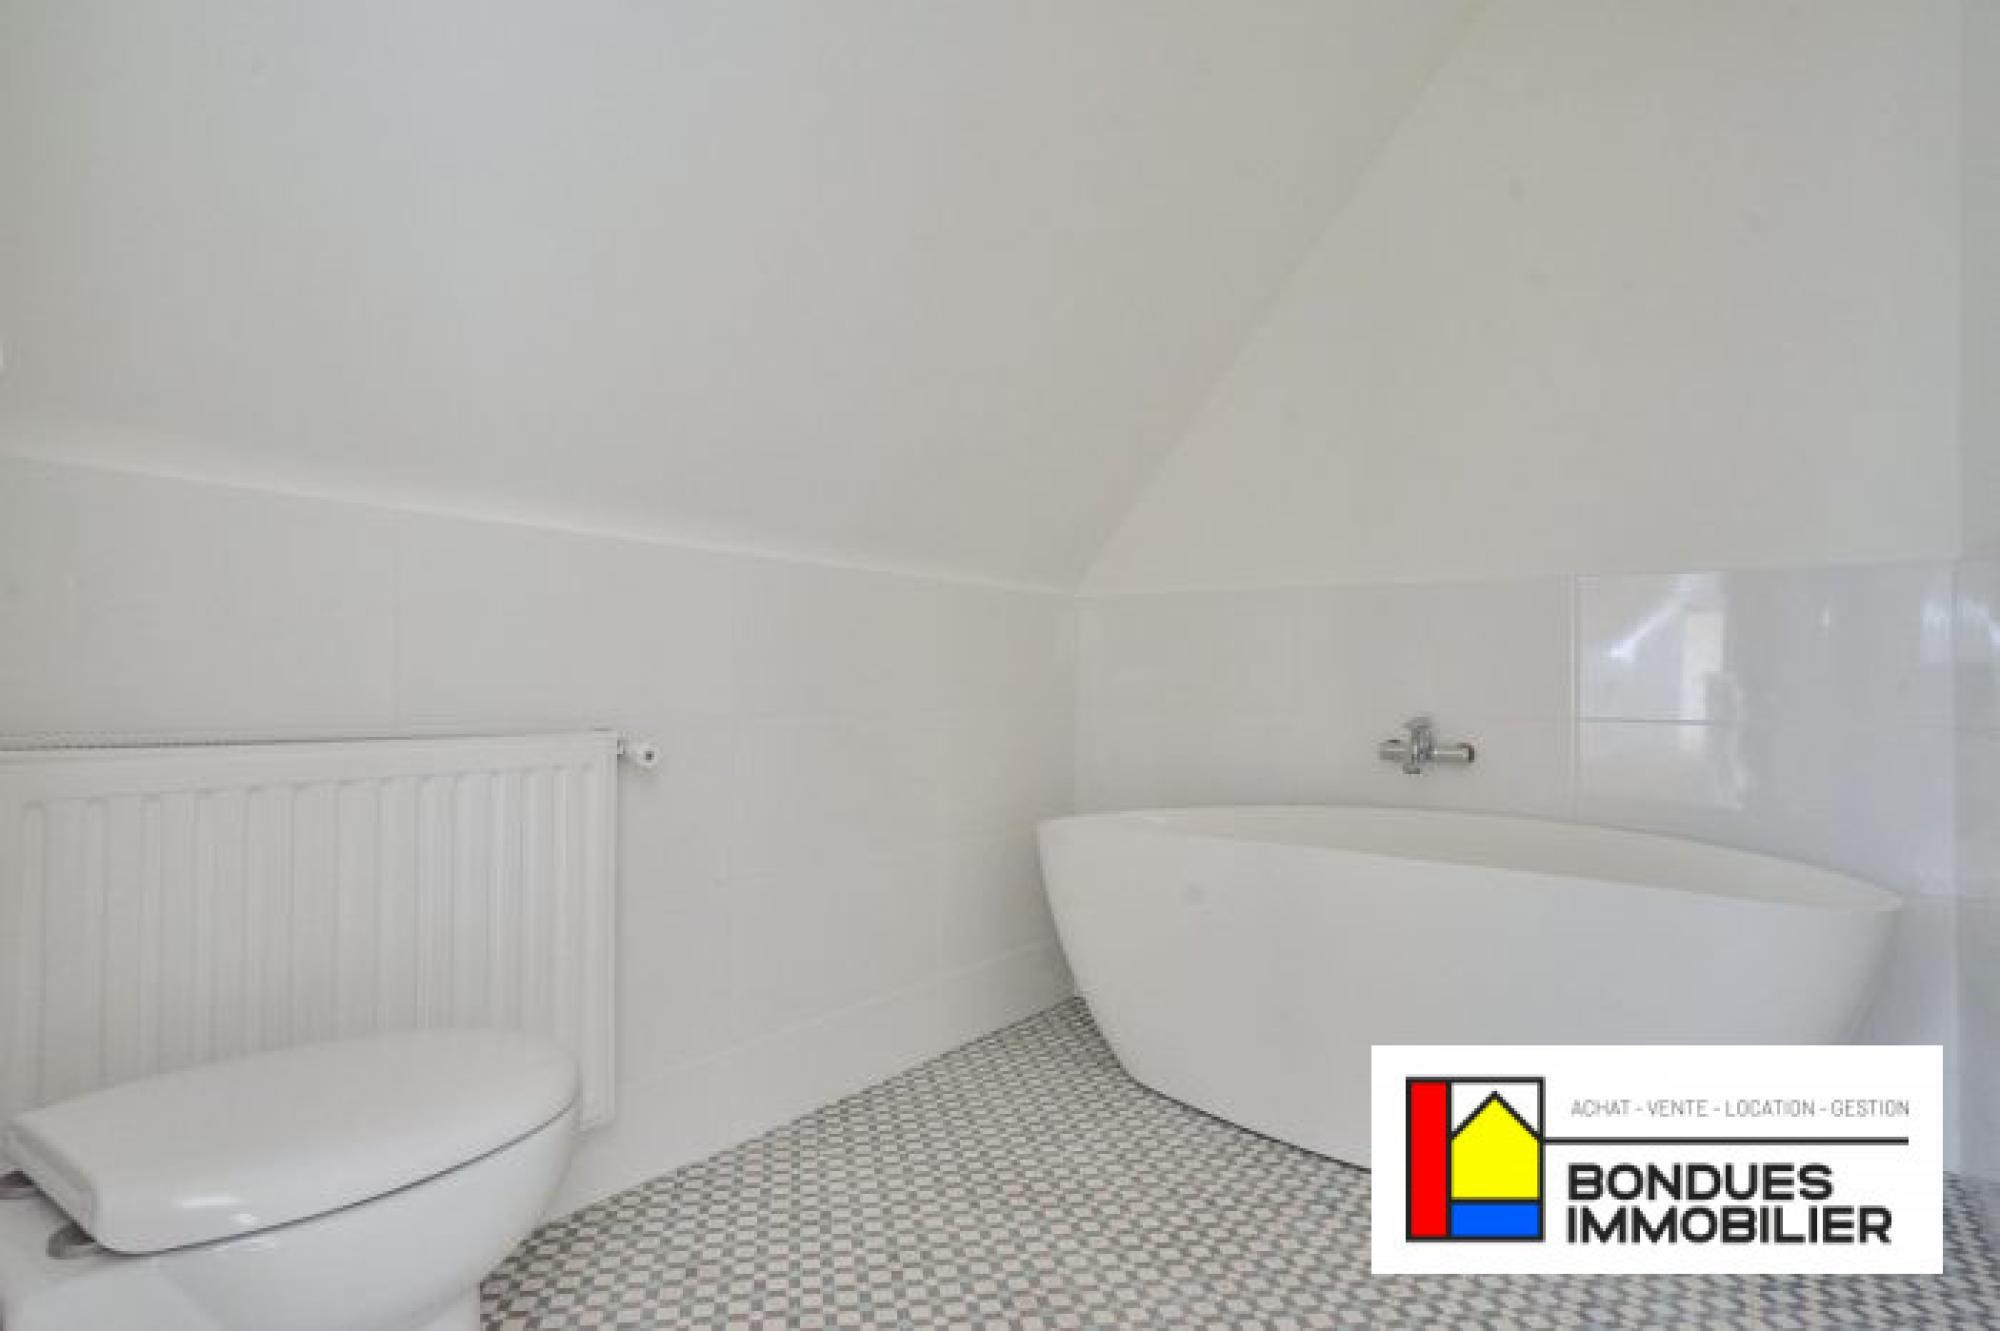 vente maison bondues refVM420 (12)